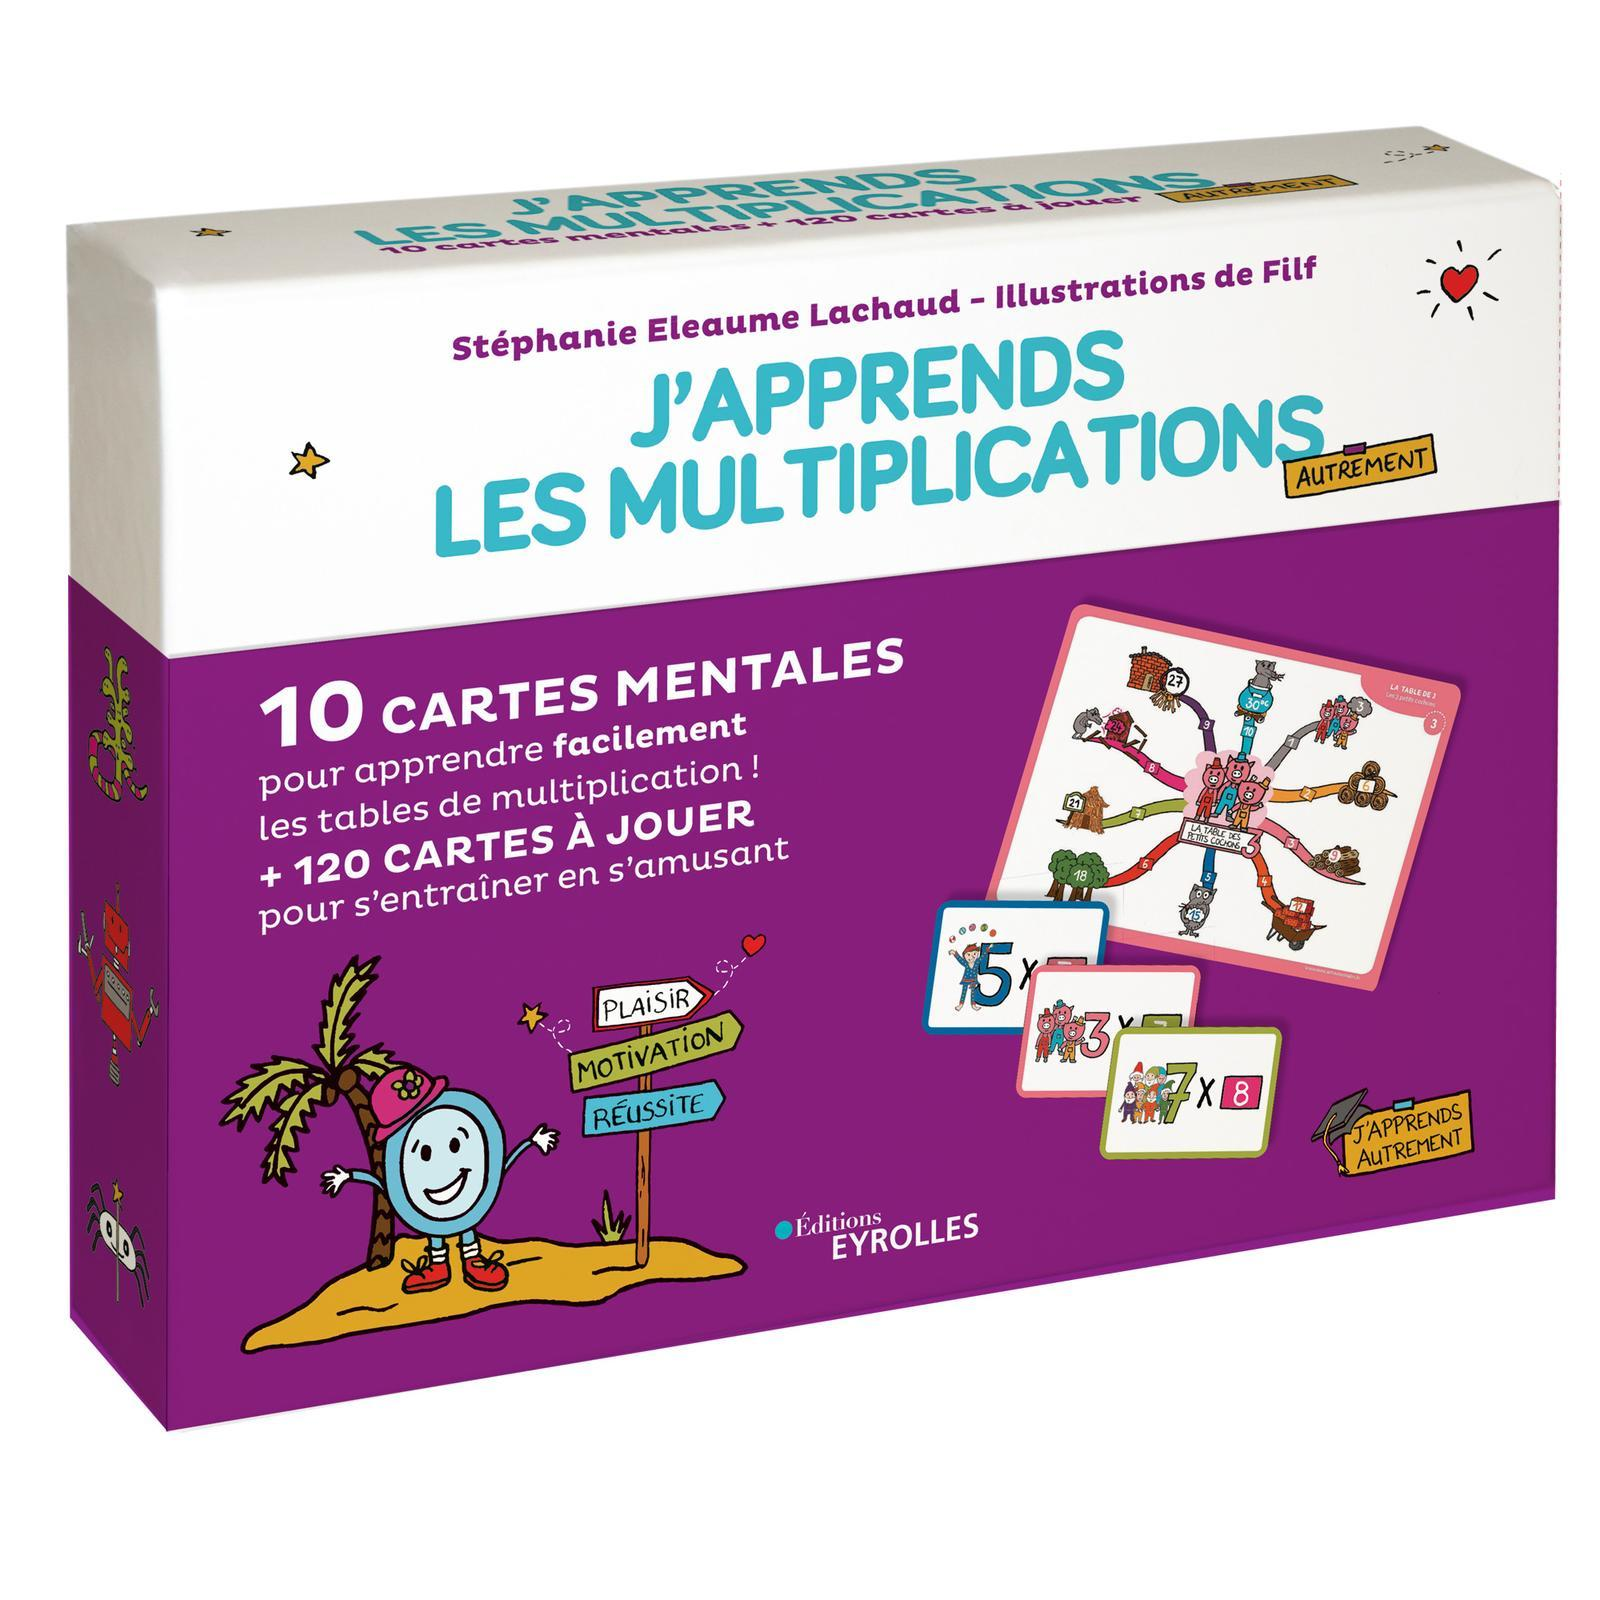 J APPRENDS LES MULTIPLICATIONS AUTREMENT - 10 CARTES MENTALES POUR APPRENDRE FACILEMENT LES TABLES D